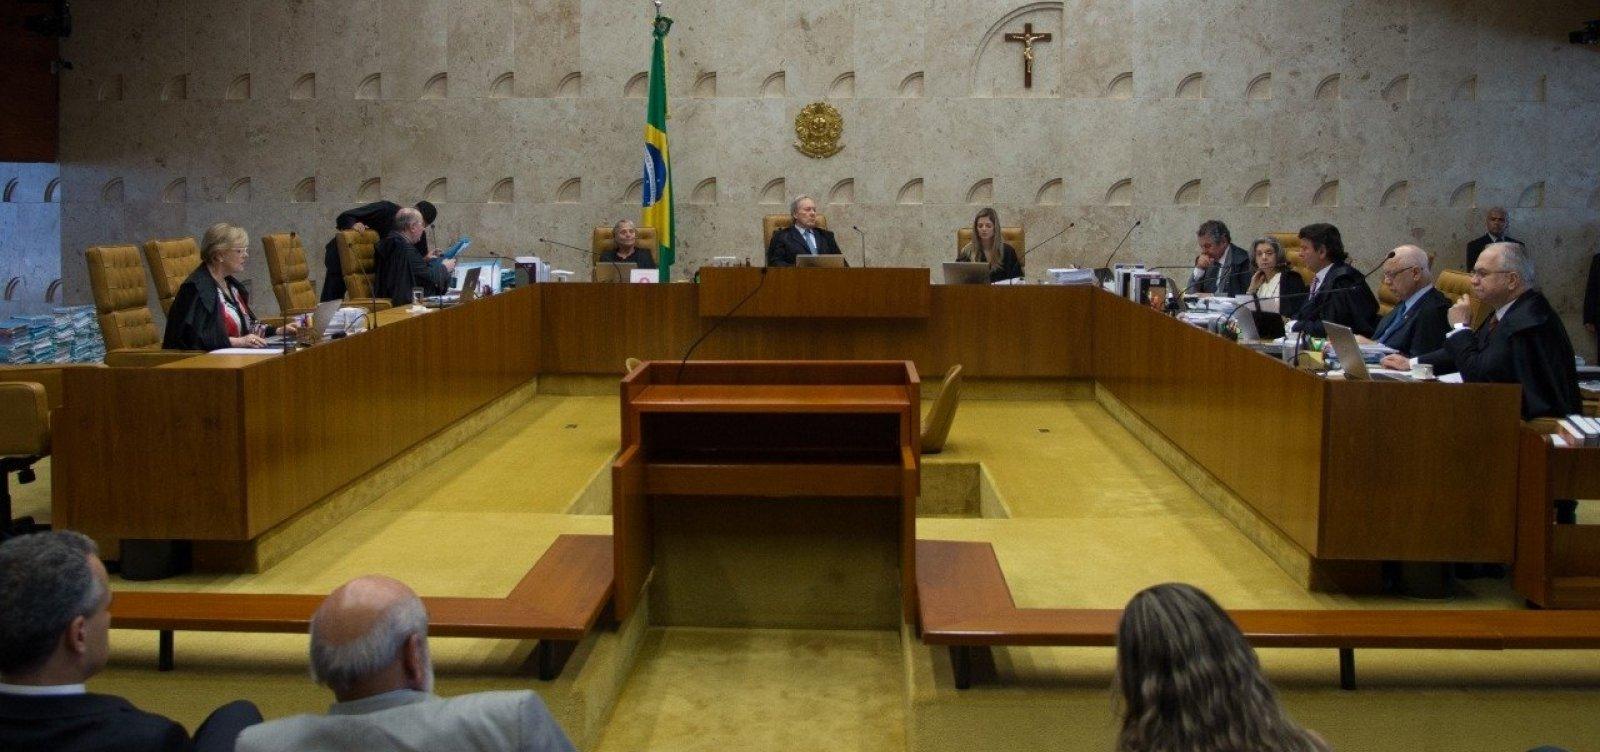 [Senado aprova aumento de 16% para ministros do STF e PGR]